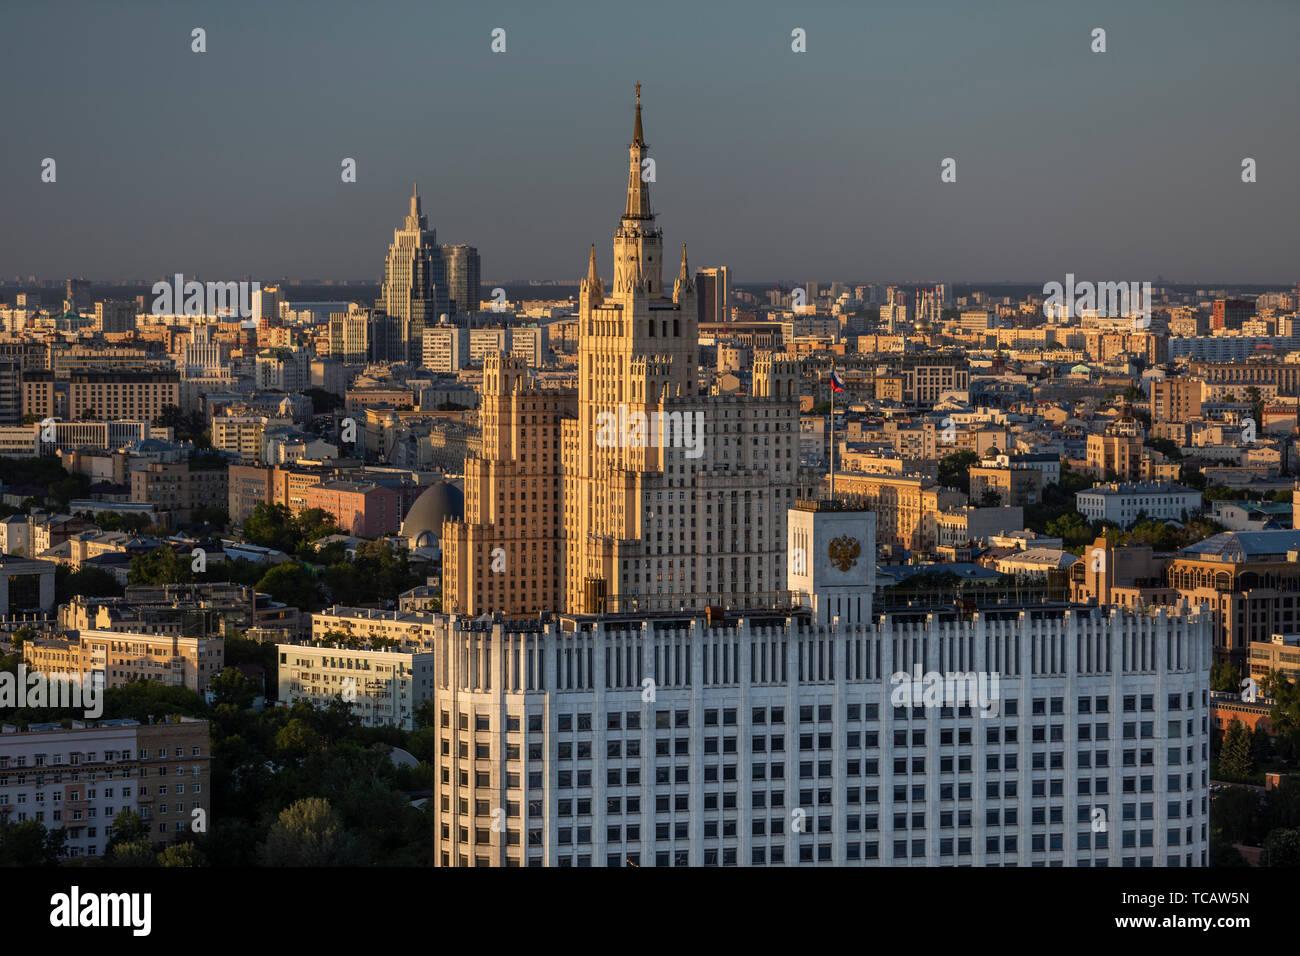 Vista de la Casa de Gobierno de la Federación de Rusia (la Casa Blanca) y una torre de pastel de bodas era de Stalin, Moscú, Rusia Foto de stock